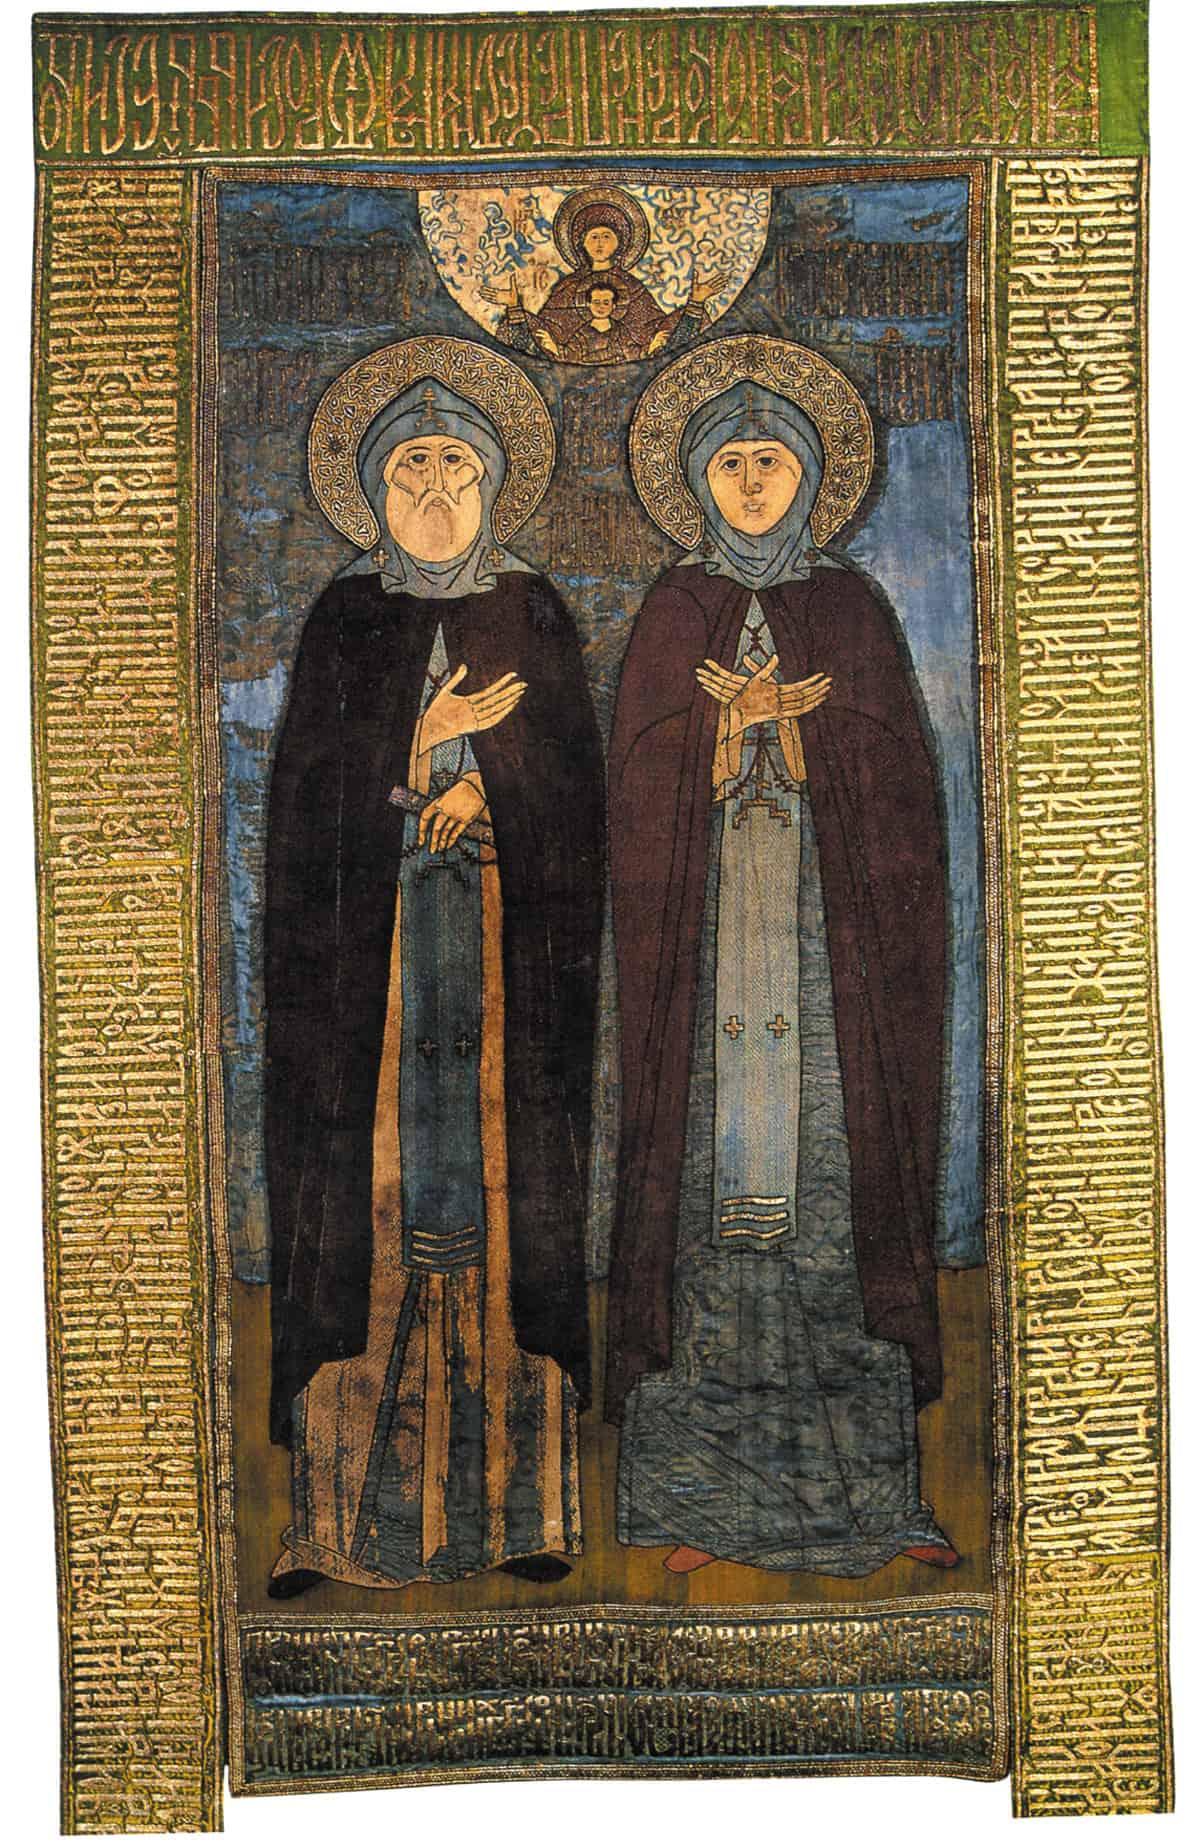 Муромский Свято-Троицкий монастырь